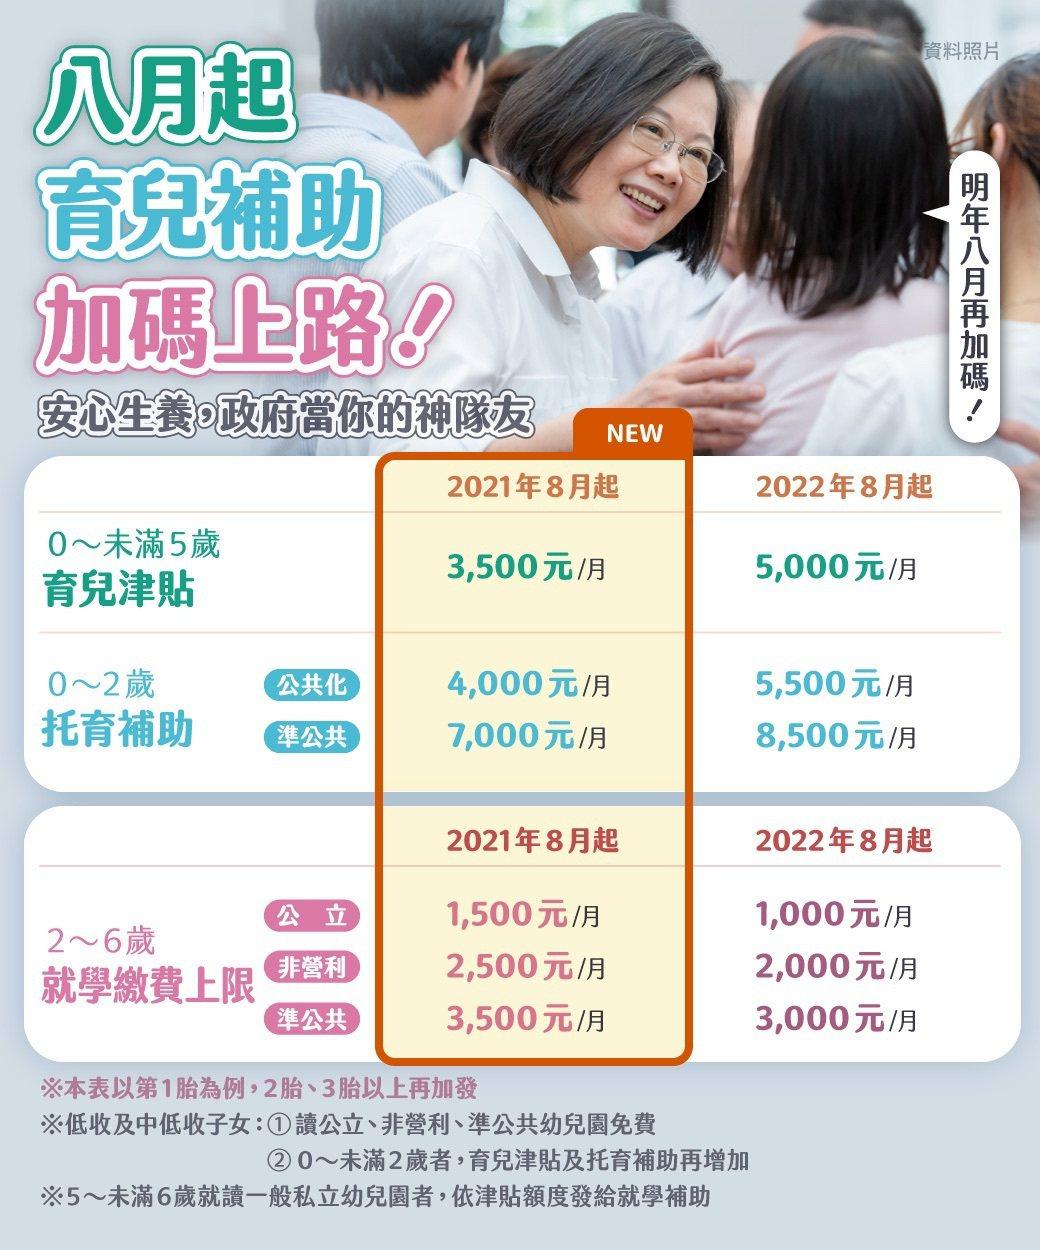 蔡英文總統提醒,8月1日起育兒津貼加碼。圖/取自蔡英文臉書